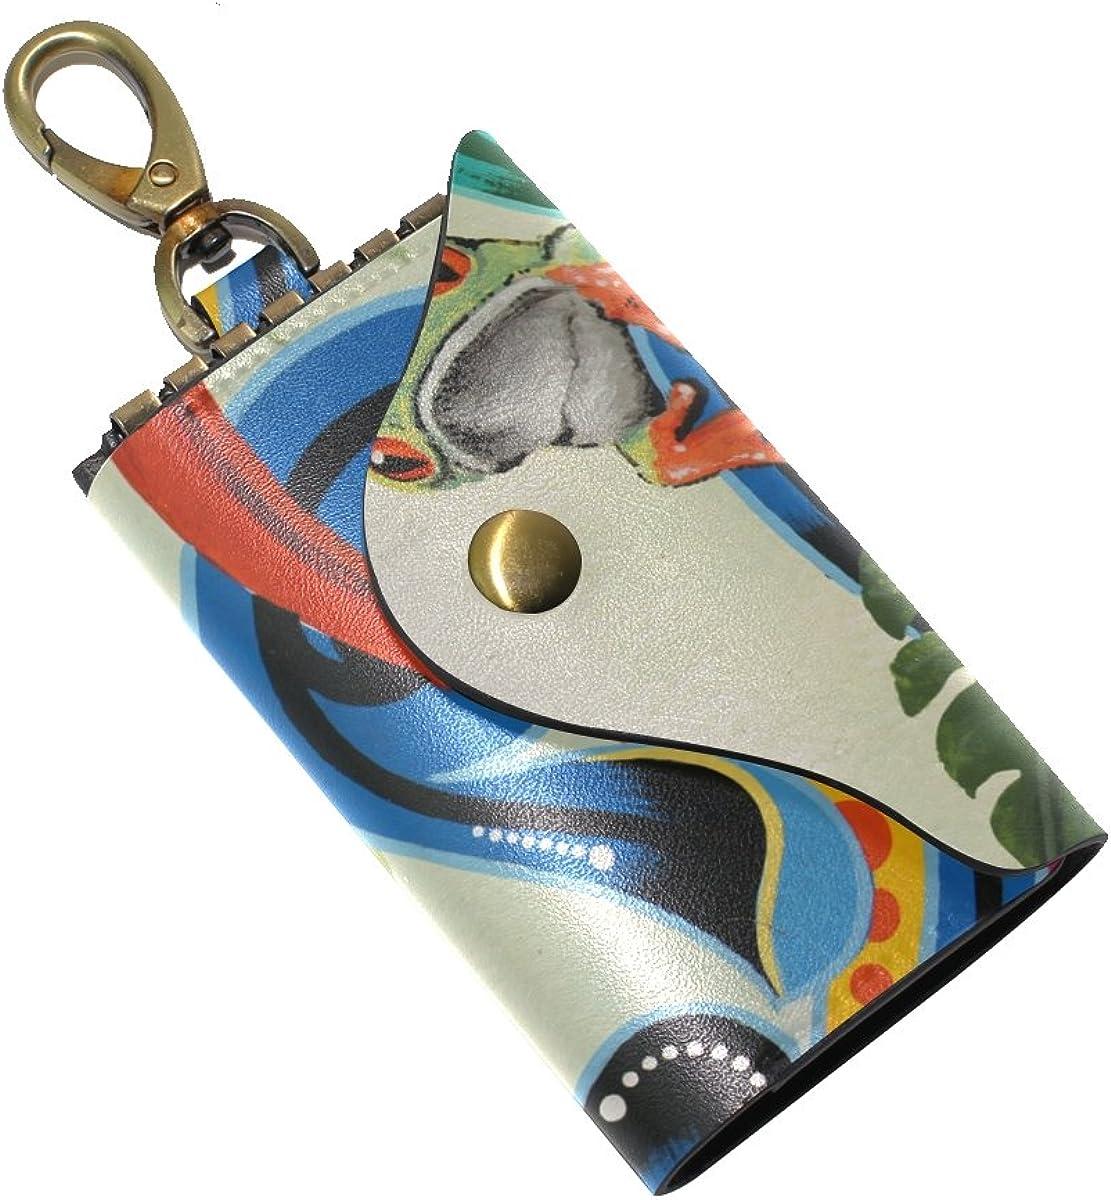 DEYYA Frog Leather Key Case Wallets Unisex Keychain Key Holder with 6 Hooks Snap Closure